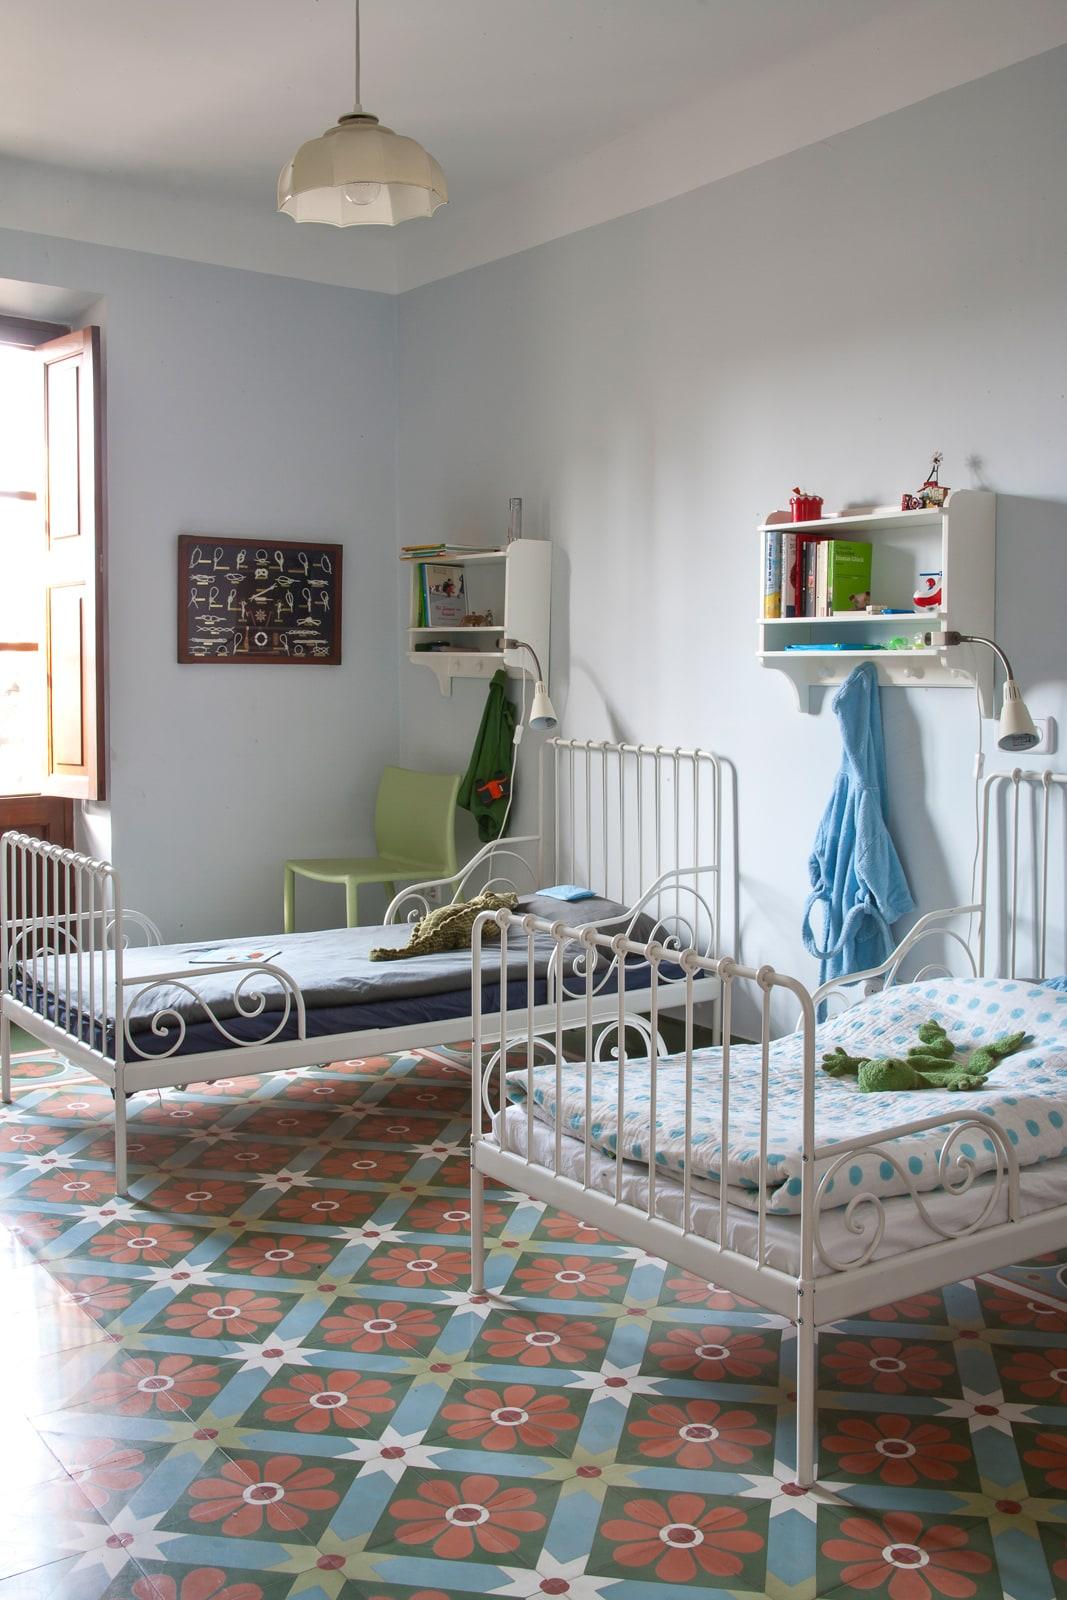 zementfliesen-terrazzofliesen-kreidefarbe-Eisblau-terrazzo-fugenlos-viaplatten-kinderzimmer | Kreidefarbe Eisblau 2500 ml